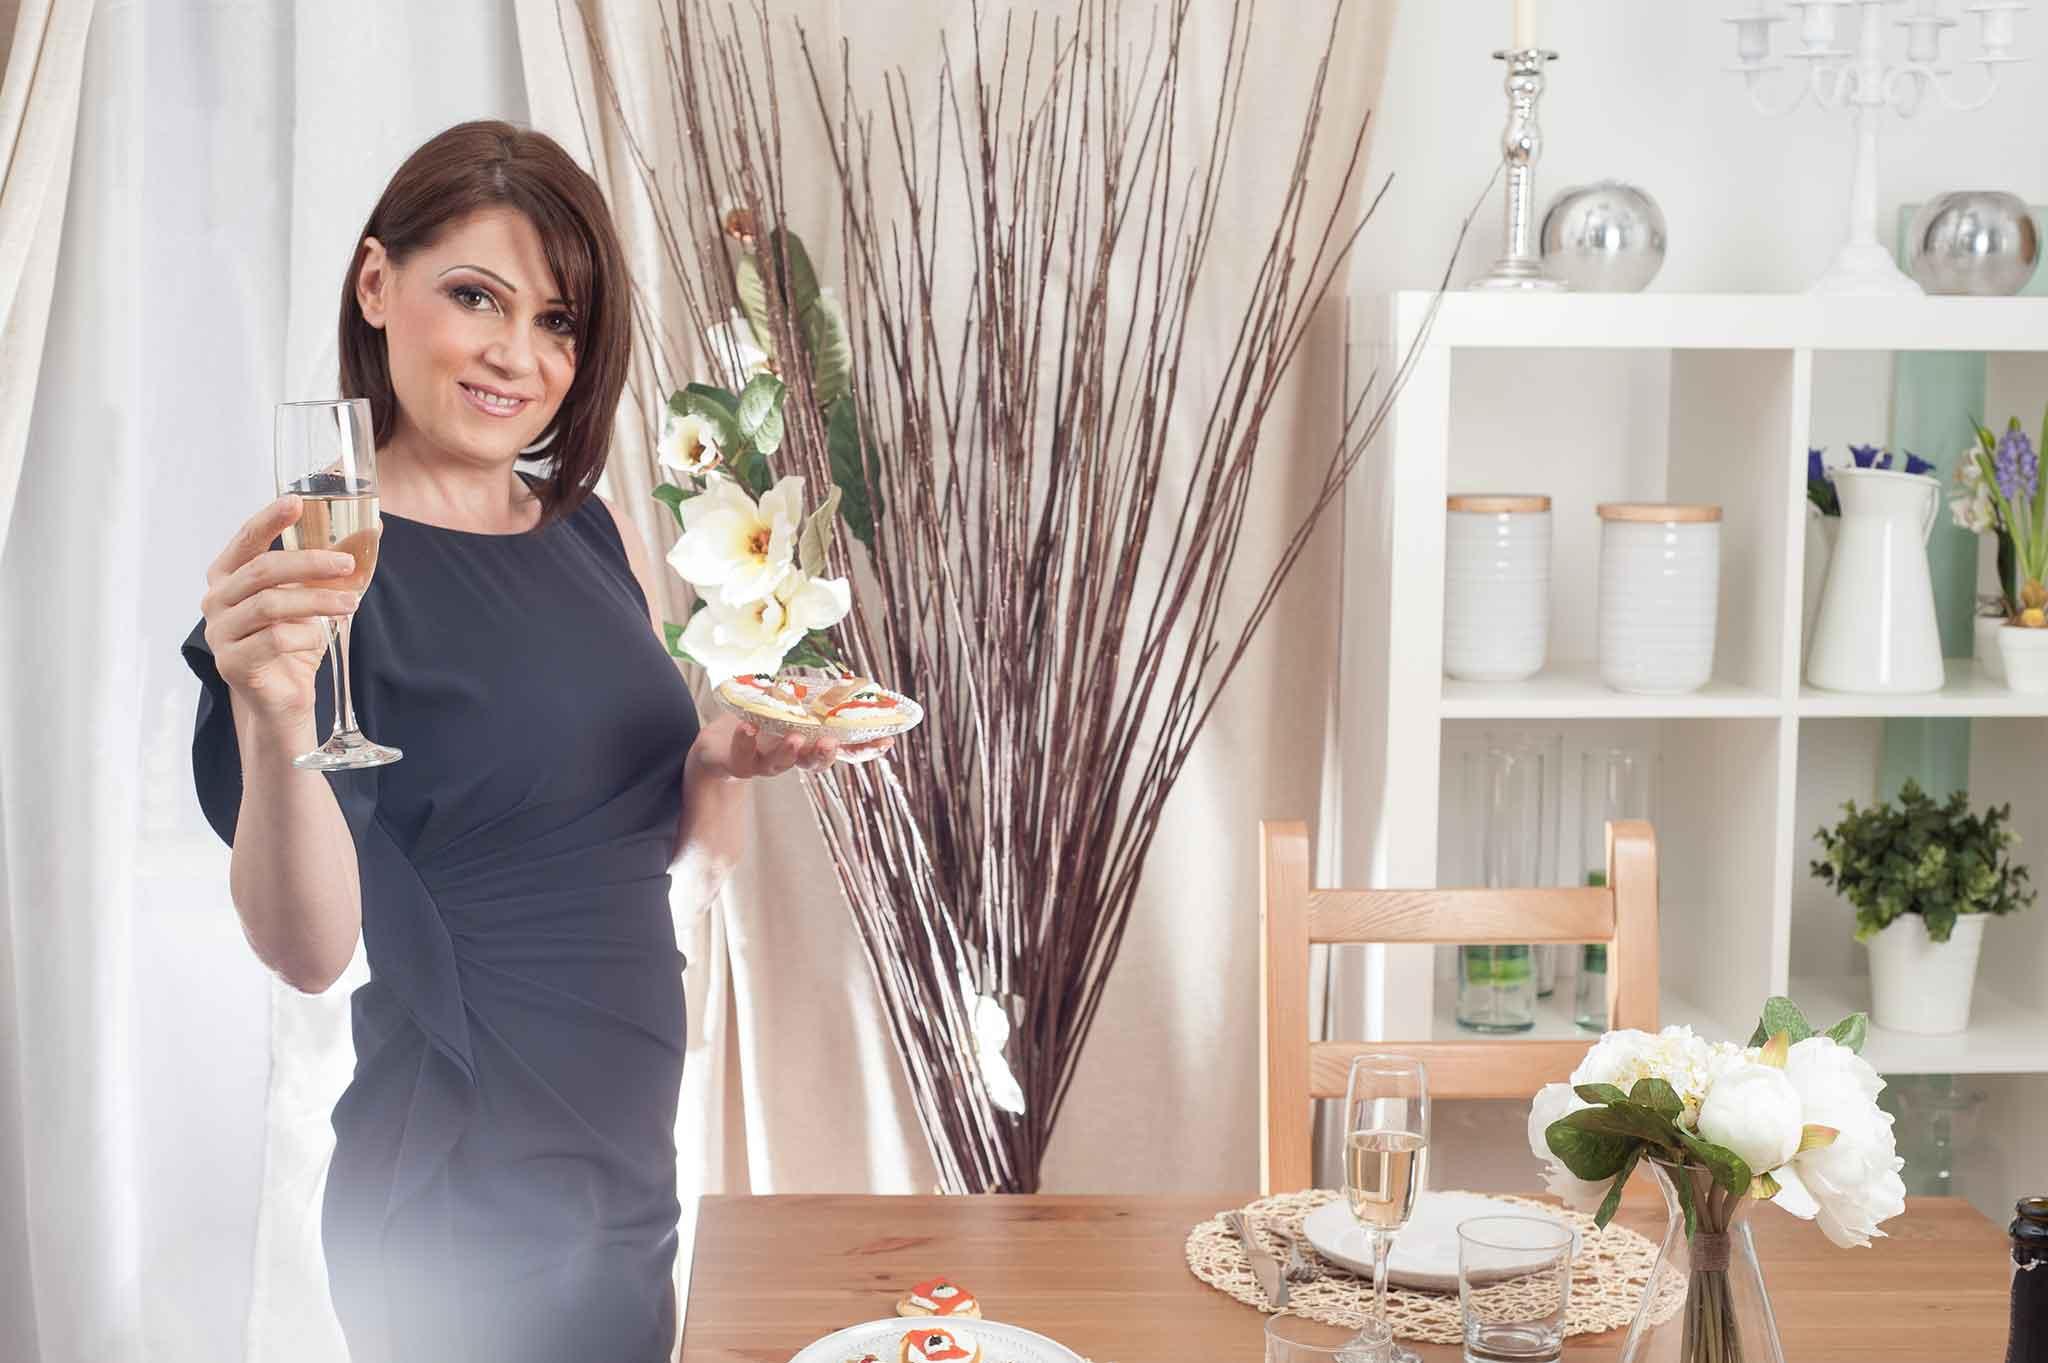 Cucina il food di sonia peronaci e il design snaidero con houzz - Cucina giallo zafferano ...